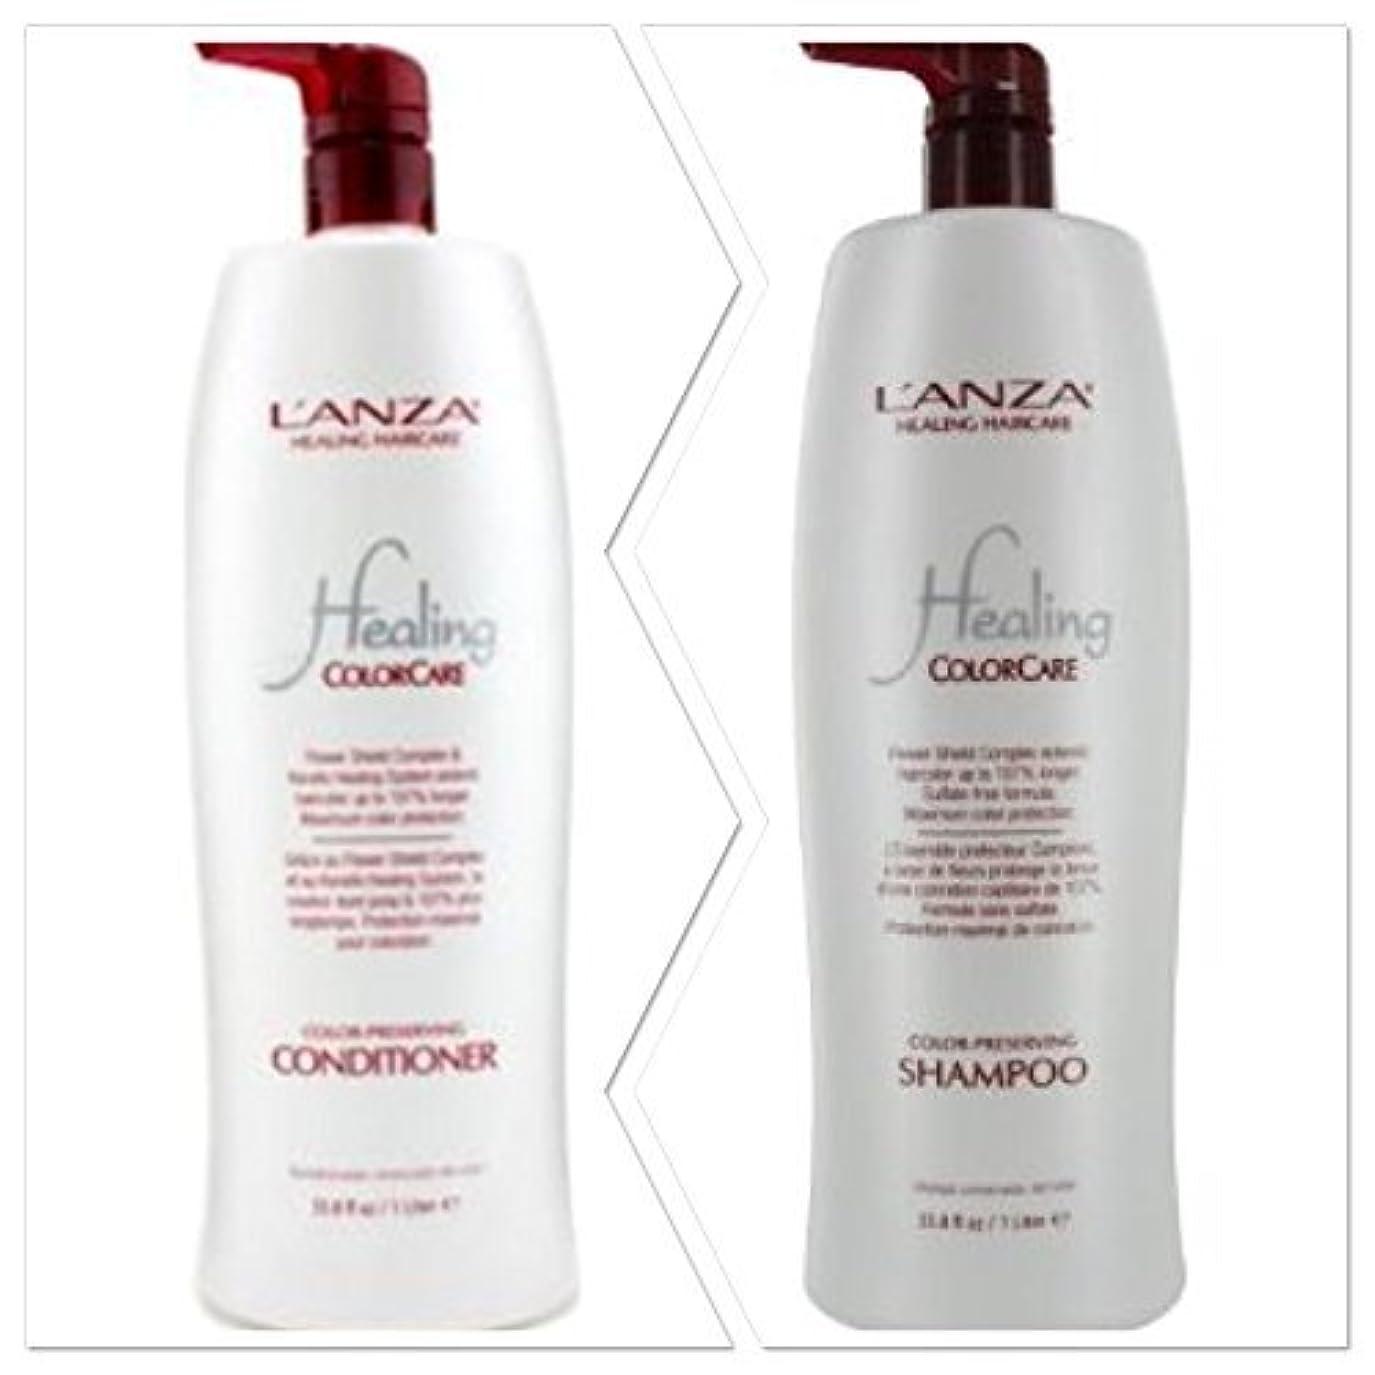 歯車好色な時期尚早L'anza Healing Colorcare Color-preserving Shampoo + Conditioner Dou (33.8 oz (1Liter)) by L'anza